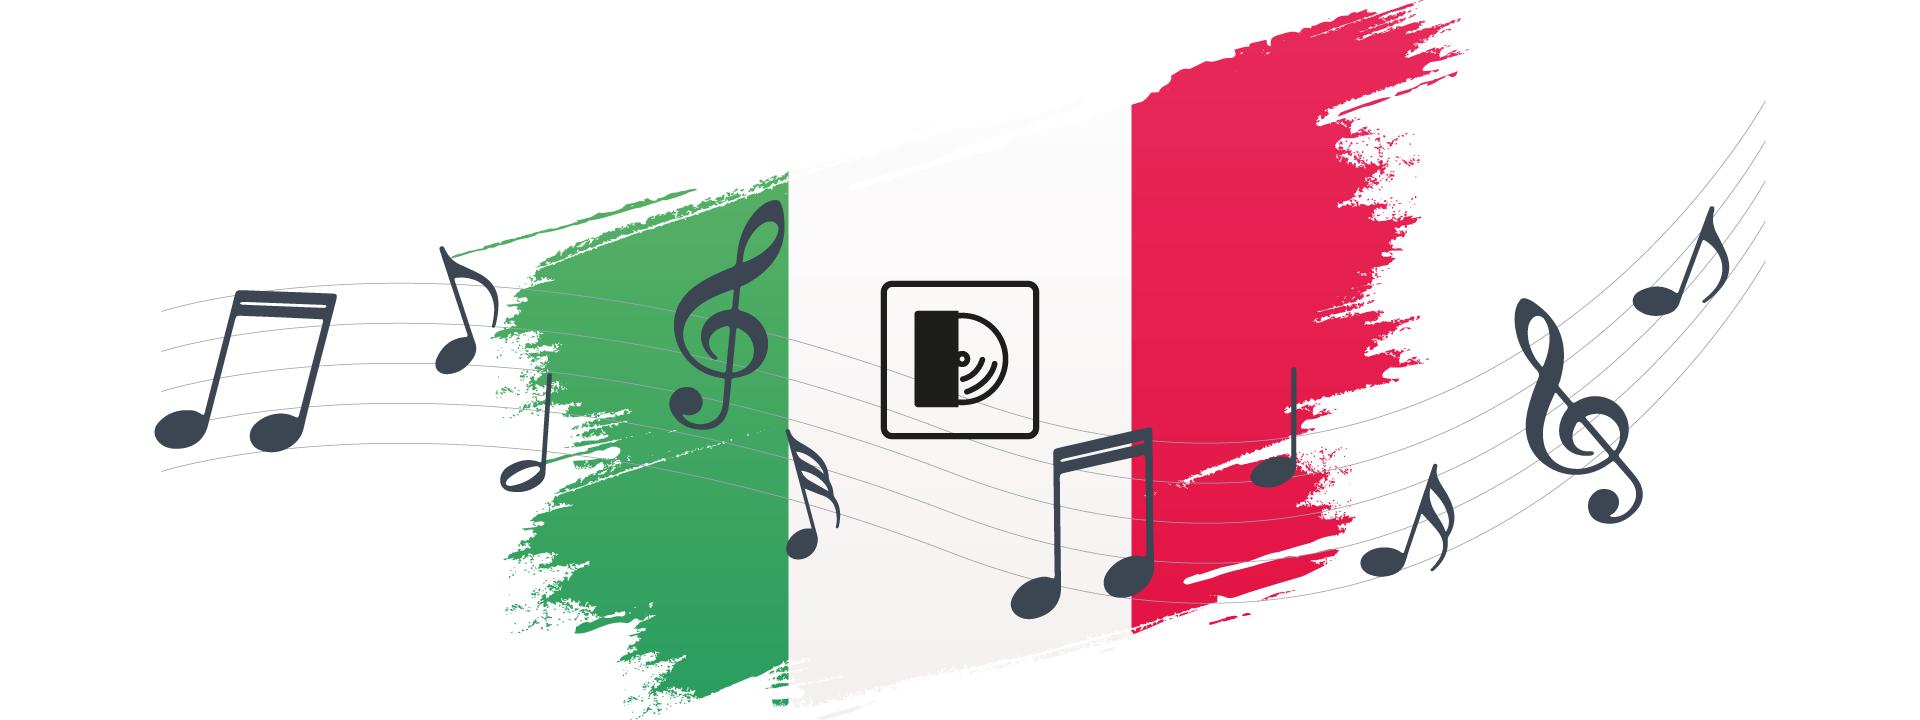 50 canzoni italiane anni 80 per matrimonio consigliate da Dj Danny | Daevent Puglia